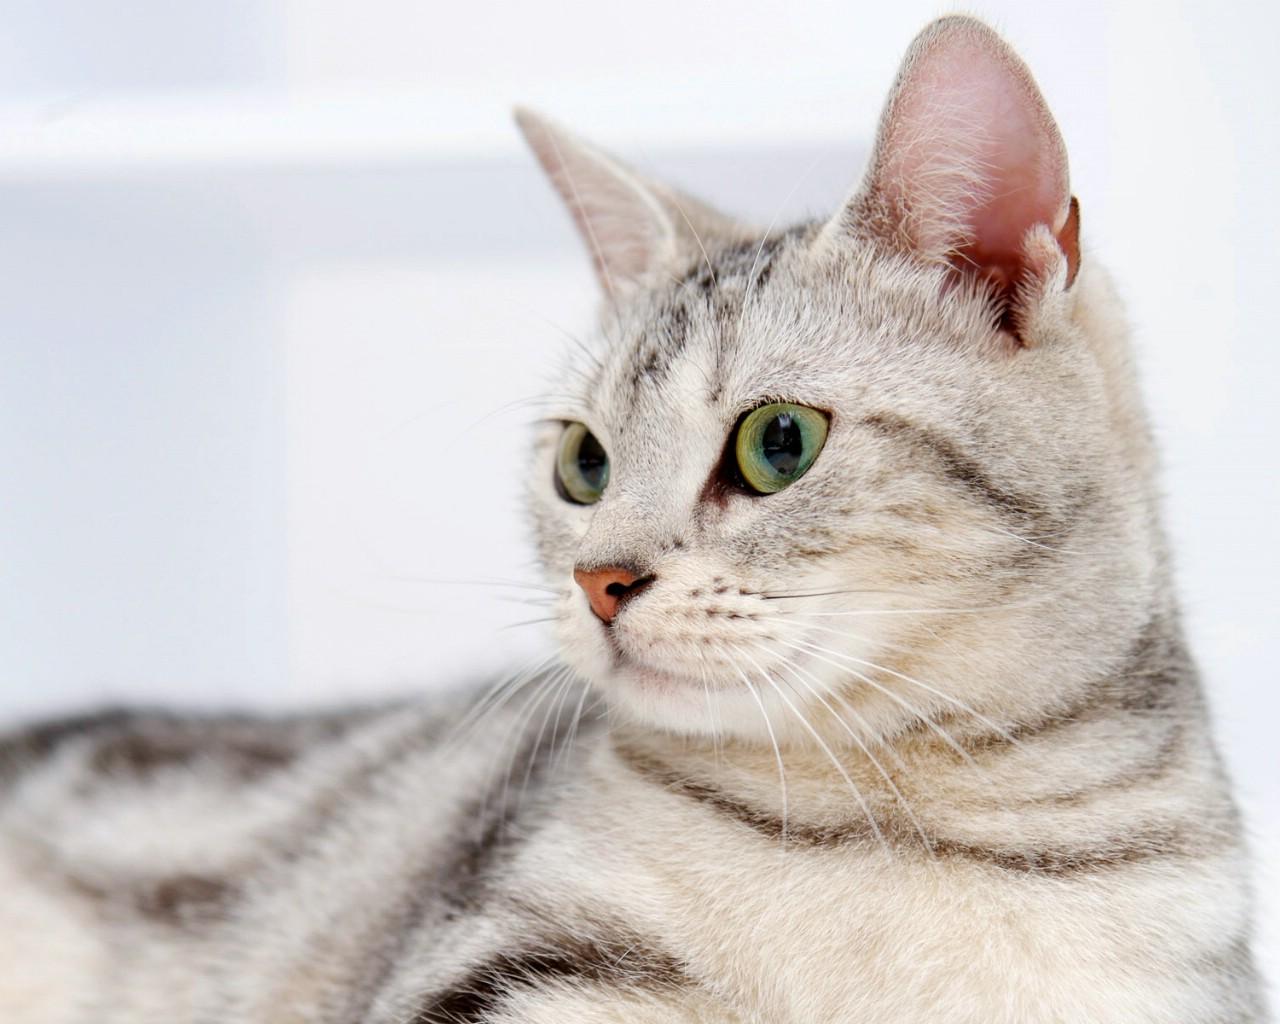 壁纸1280×1024高清可爱小猫咪壁纸壁纸